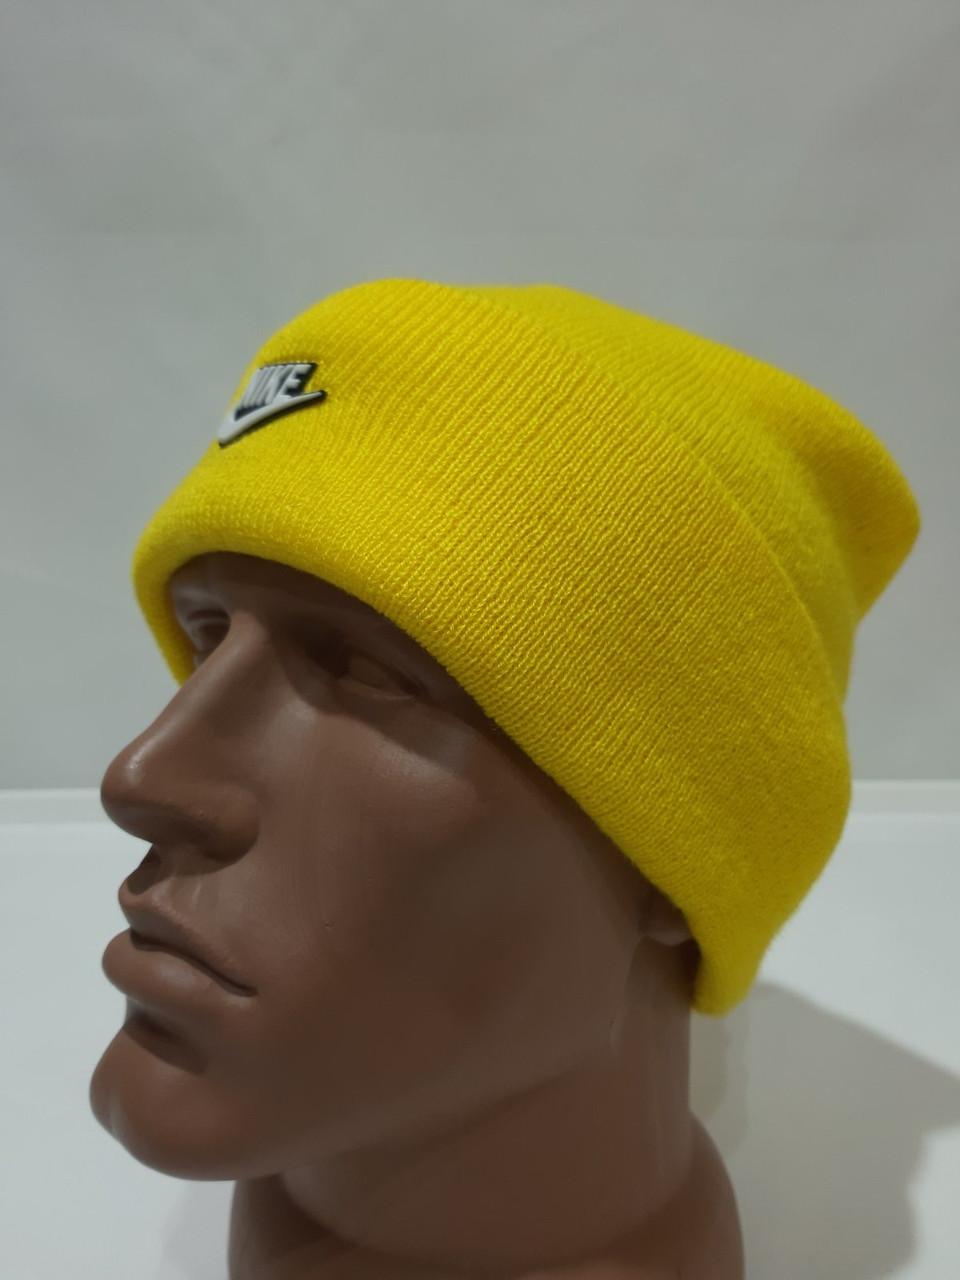 Шапка мужская зимняя теплая качественная с отворотом желтая